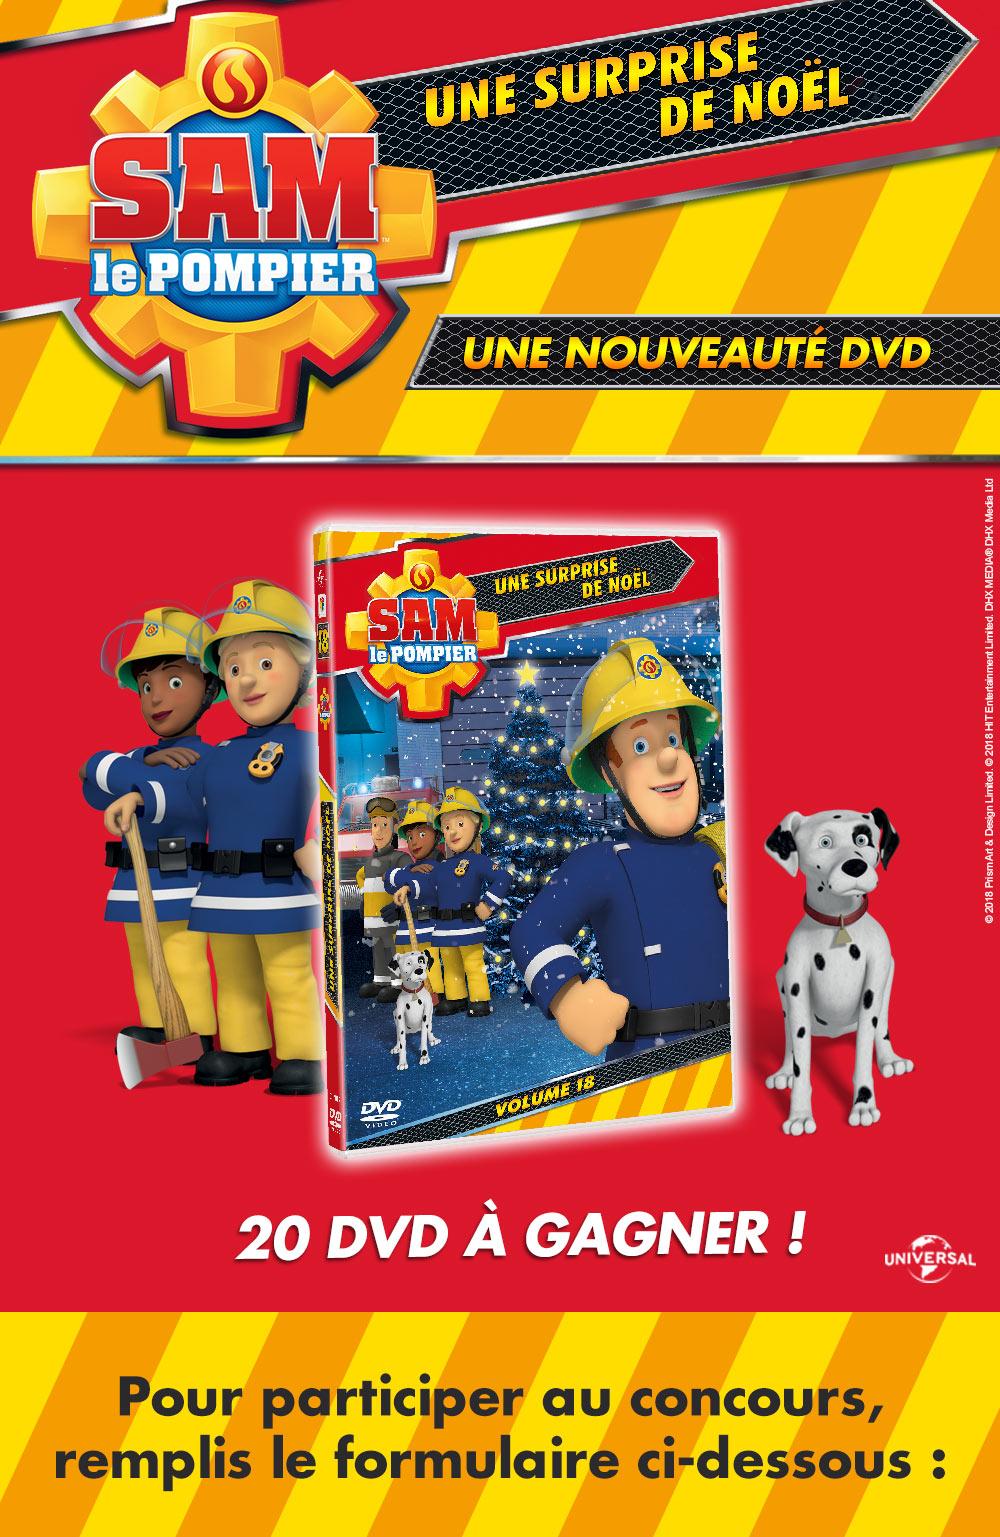 Gagne des DVD de Sam le Pompier!